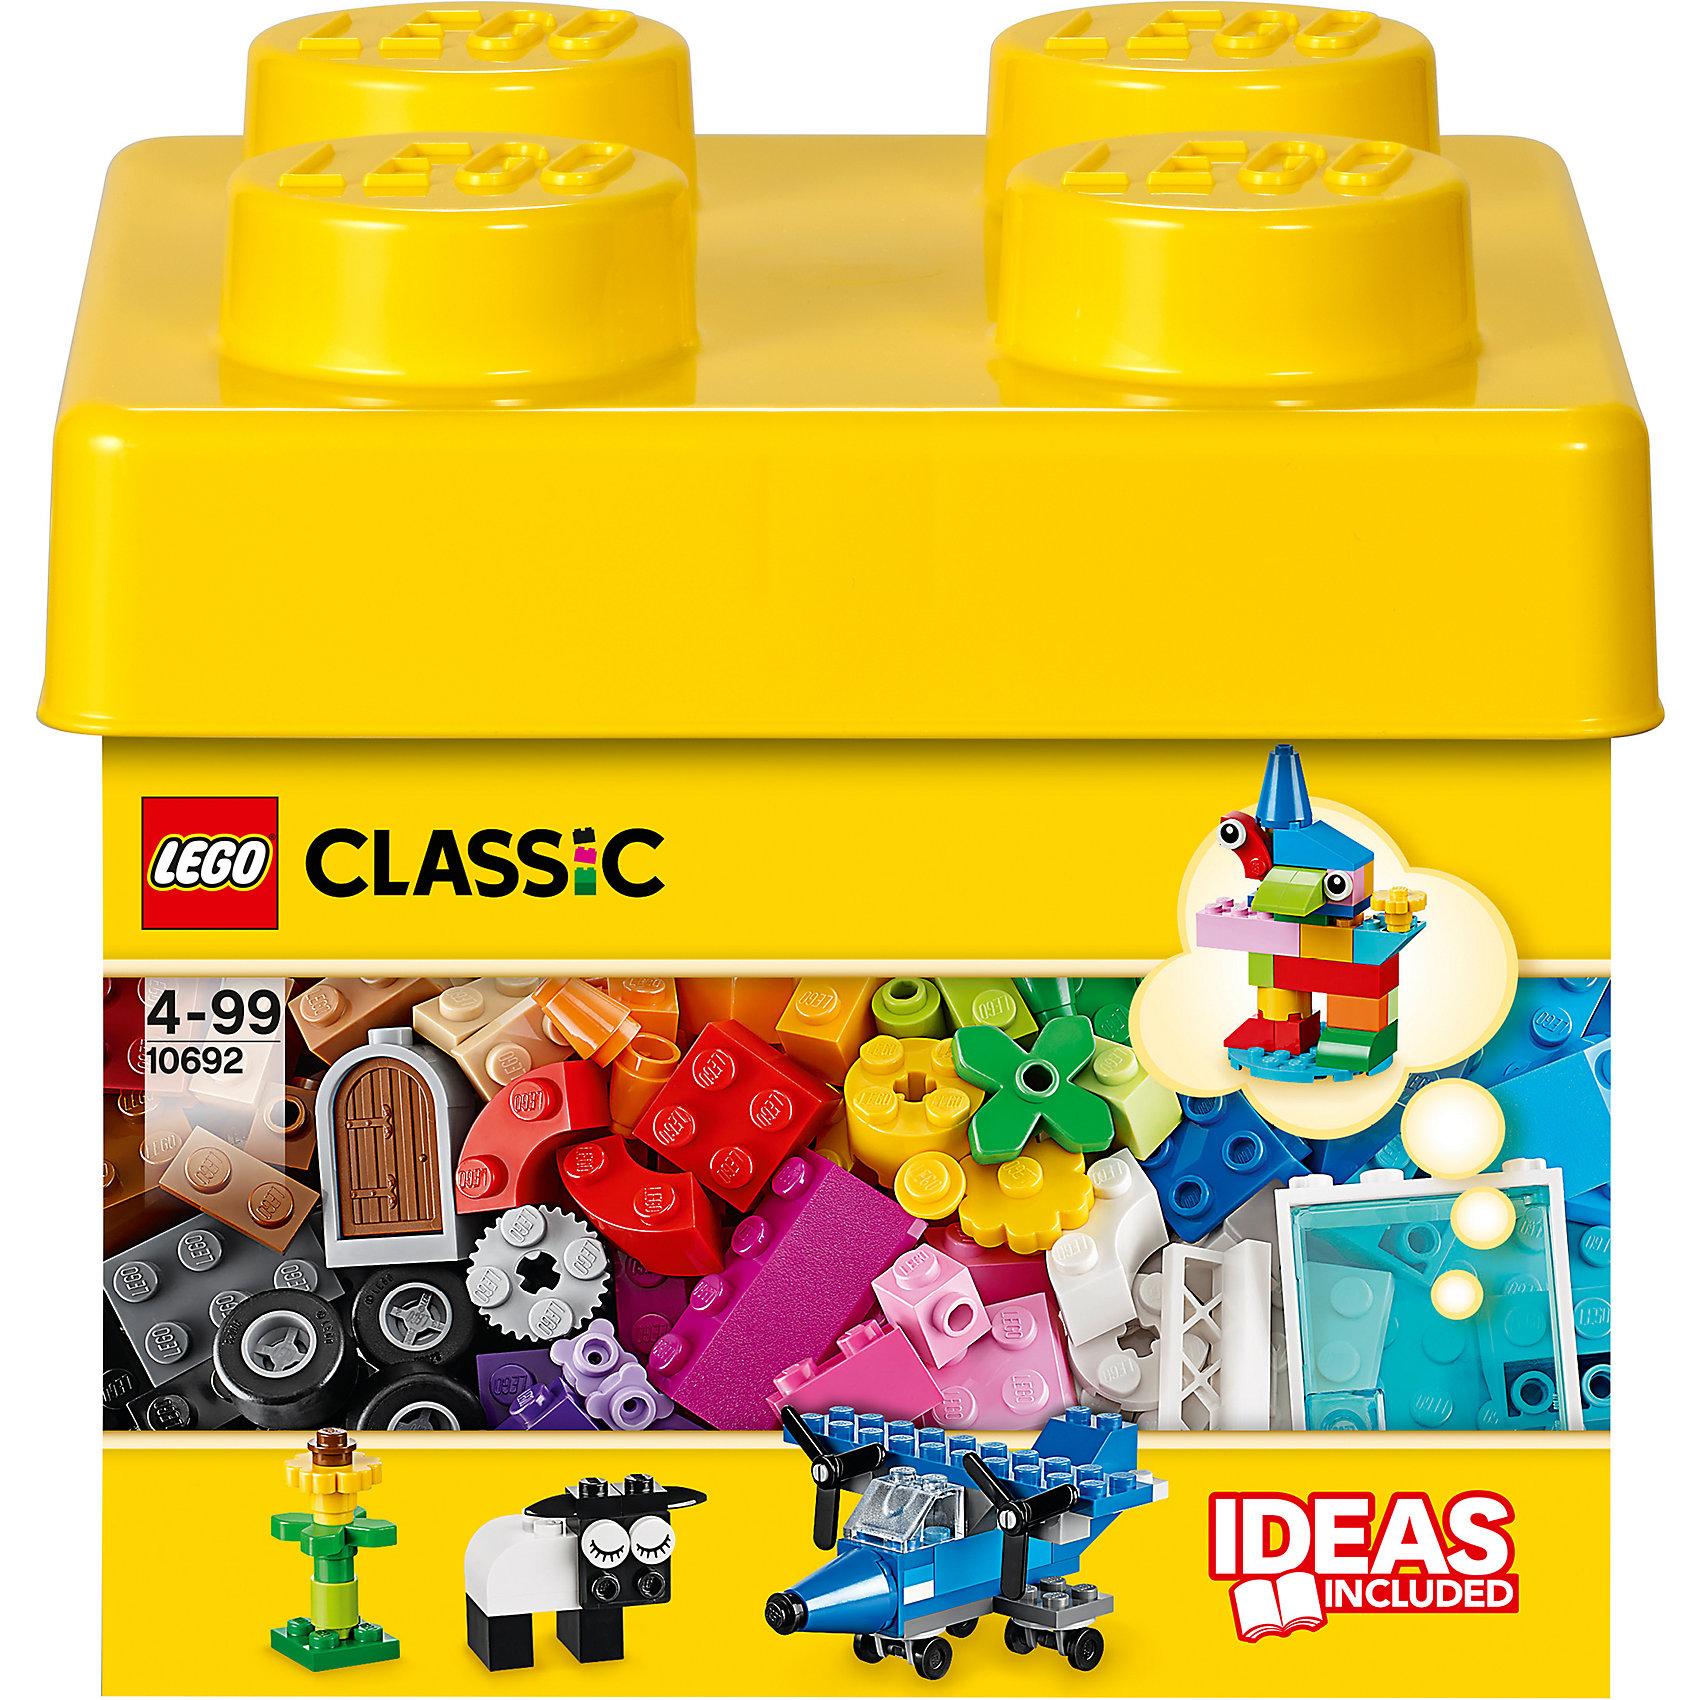 LEGO  10692: Набор для творчестваПластмассовые конструкторы<br>Карандаш, овечка, дельтаплан! Окунитесь с головой в этот набор кубиков LEGO и дайте волю своему воображению. Бесконечные возможности для сборки из классических кубиков 29 разных цветов и специальных деталей, включая двери, окна, колеса, глаза, пропеллеры и отделитель кубиков. Если вы не знаете, с чего начать, вам помогут инструкции с идеями дизайнеров, от которых можно оттолкнуться. <br><br>Наборы для творчества LEGO (ЛЕГО)  идеальны для начинающих строителей всех возрастов. Они также дополнят любую имеющуюся коллекцию LEGO. Набор упакован в удобную пластиковую коробку. <br><br>Дополнительная информация:<br><br>- Конструкторы ЛЕГО развивают усидчивость, внимание, фантазию и мелкую моторику. <br>- Комплектация: колеса, пропеллеры, стандартные кубики, кубики с рисунками, двери окна.<br>- Количество деталей: 221 шт.<br>- Серия ЛЕГО (LEGO) Наборы для творчества.<br>- Материал: пластик.<br>- Размер упаковки: 18х16,5х18 см.<br>- Вес: 0,55 кг<br><br>LEGO  10692: Набор для творчества можно купить в нашем магазине.<br><br>Ширина мм: 179<br>Глубина мм: 177<br>Высота мм: 166<br>Вес г: 419<br>Возраст от месяцев: 48<br>Возраст до месяцев: 144<br>Пол: Унисекс<br>Возраст: Детский<br>SKU: 3786103